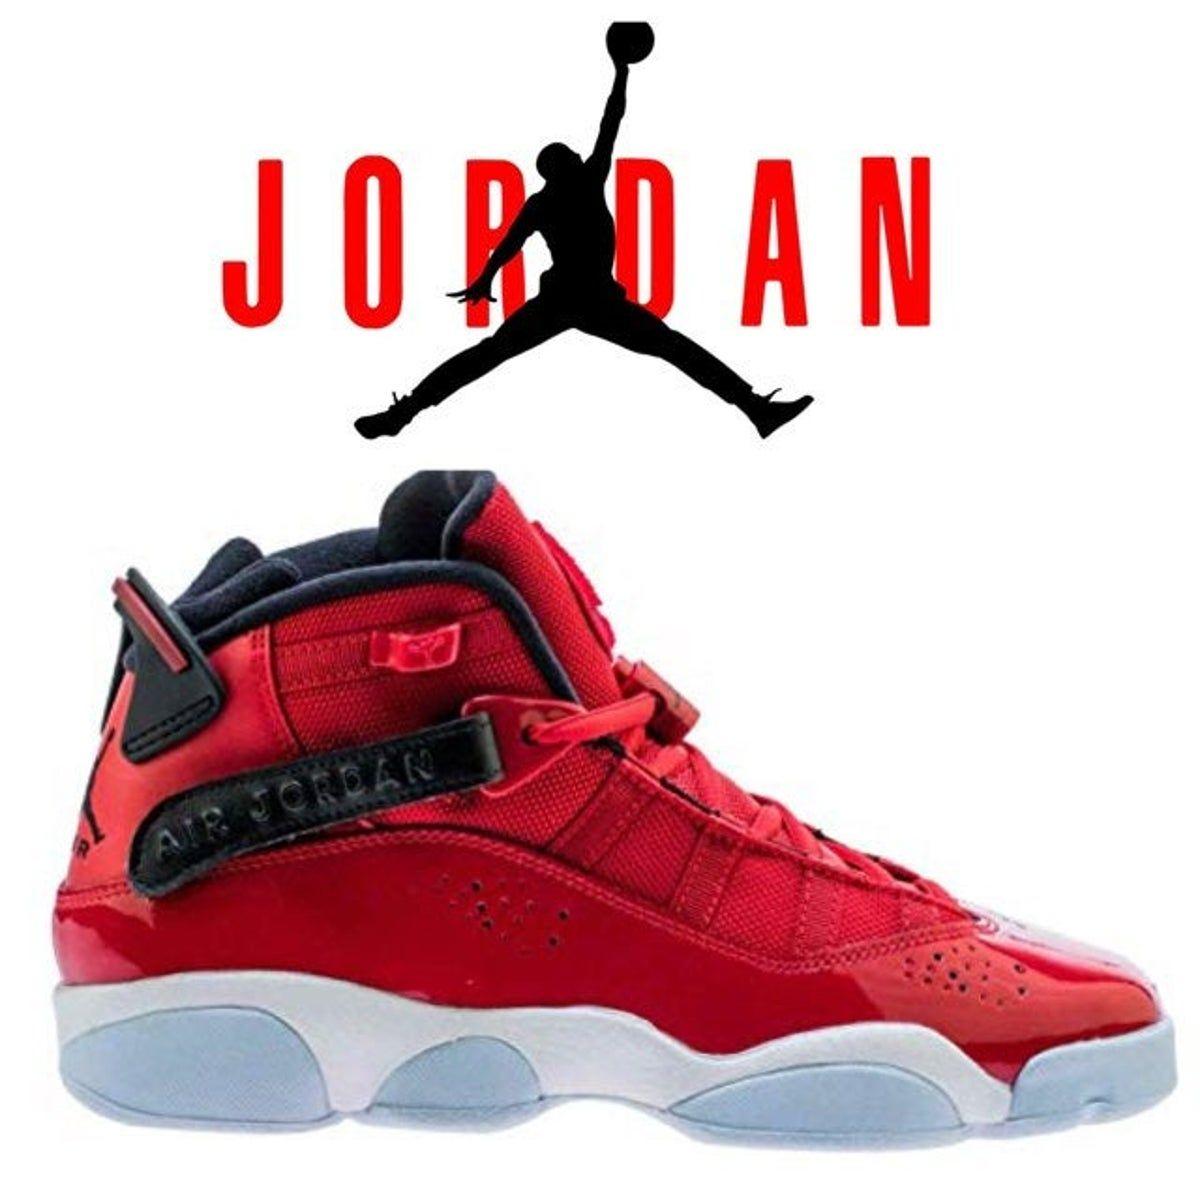 Air Jordan Two3 6Ring Boys | Air jordans, Jordans, Jordan 6 rings